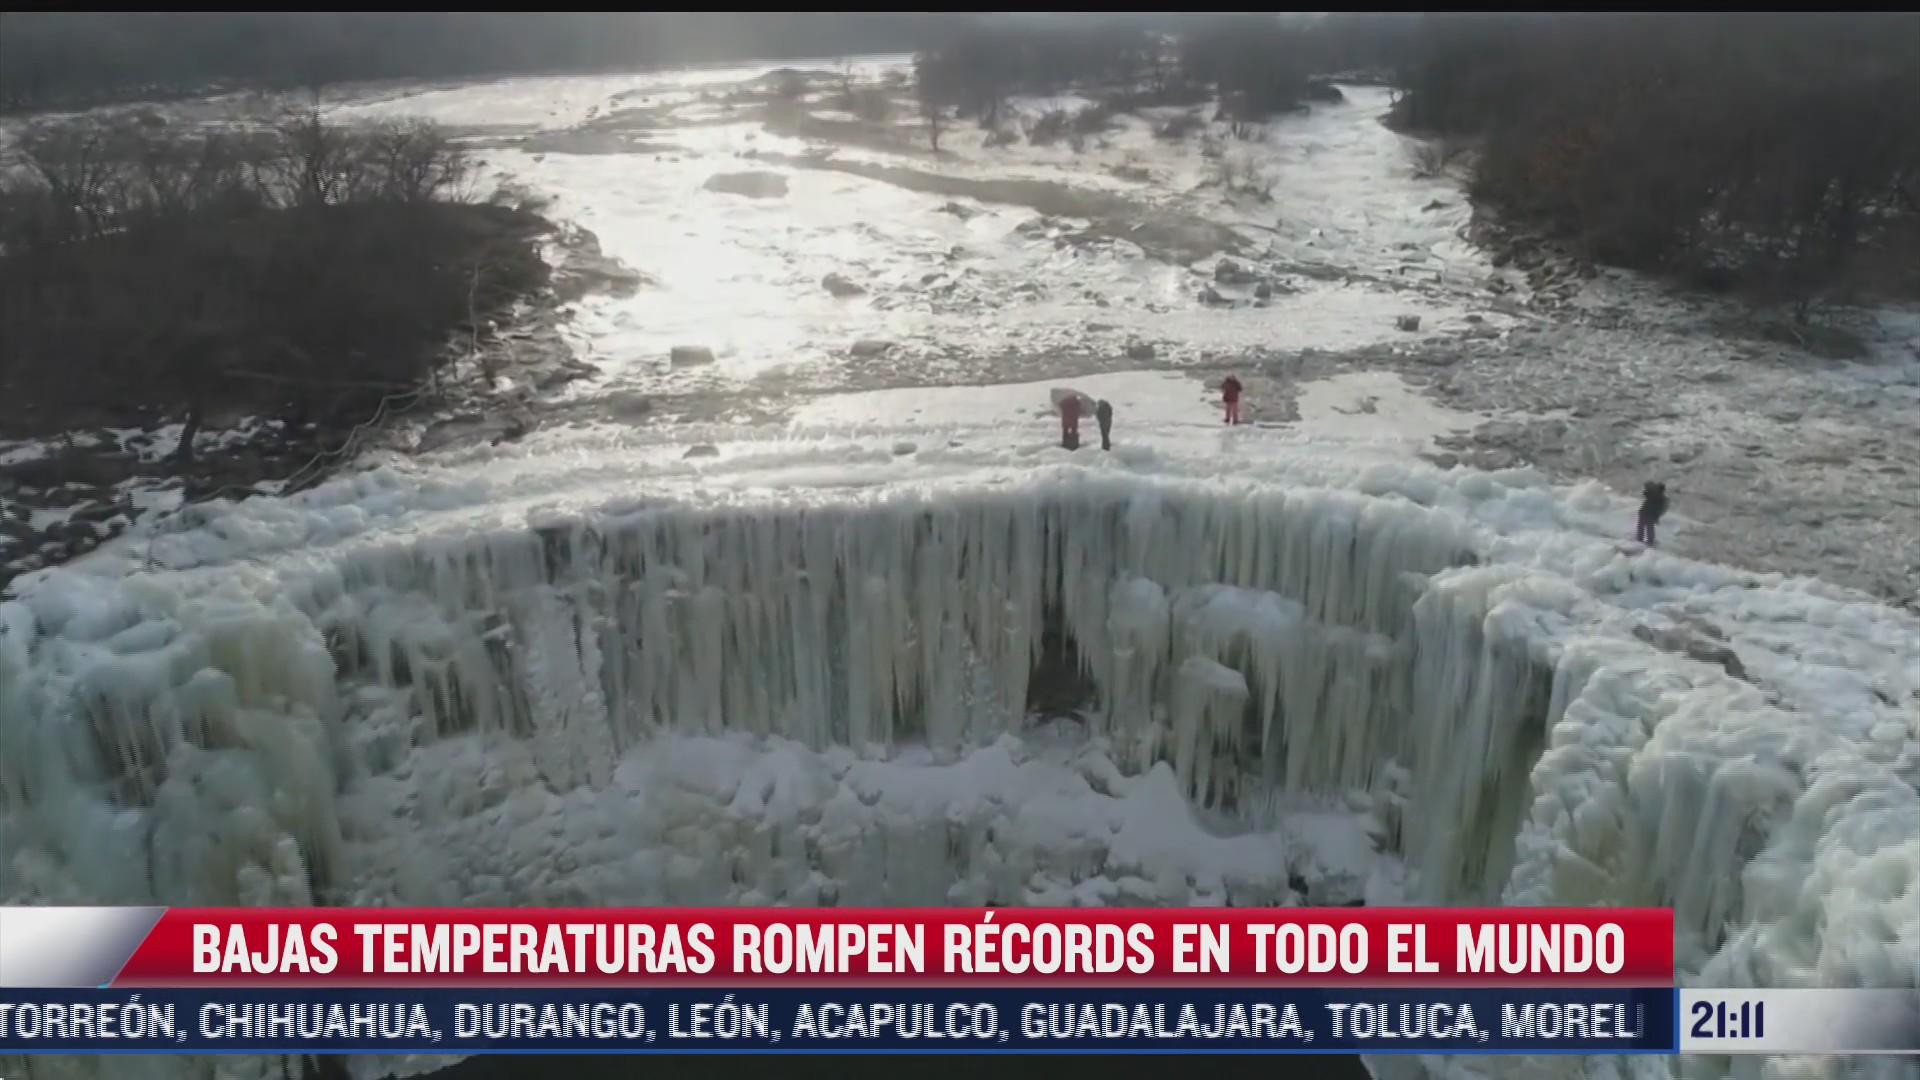 bajas temperaturas rompen record alrededor del mundo